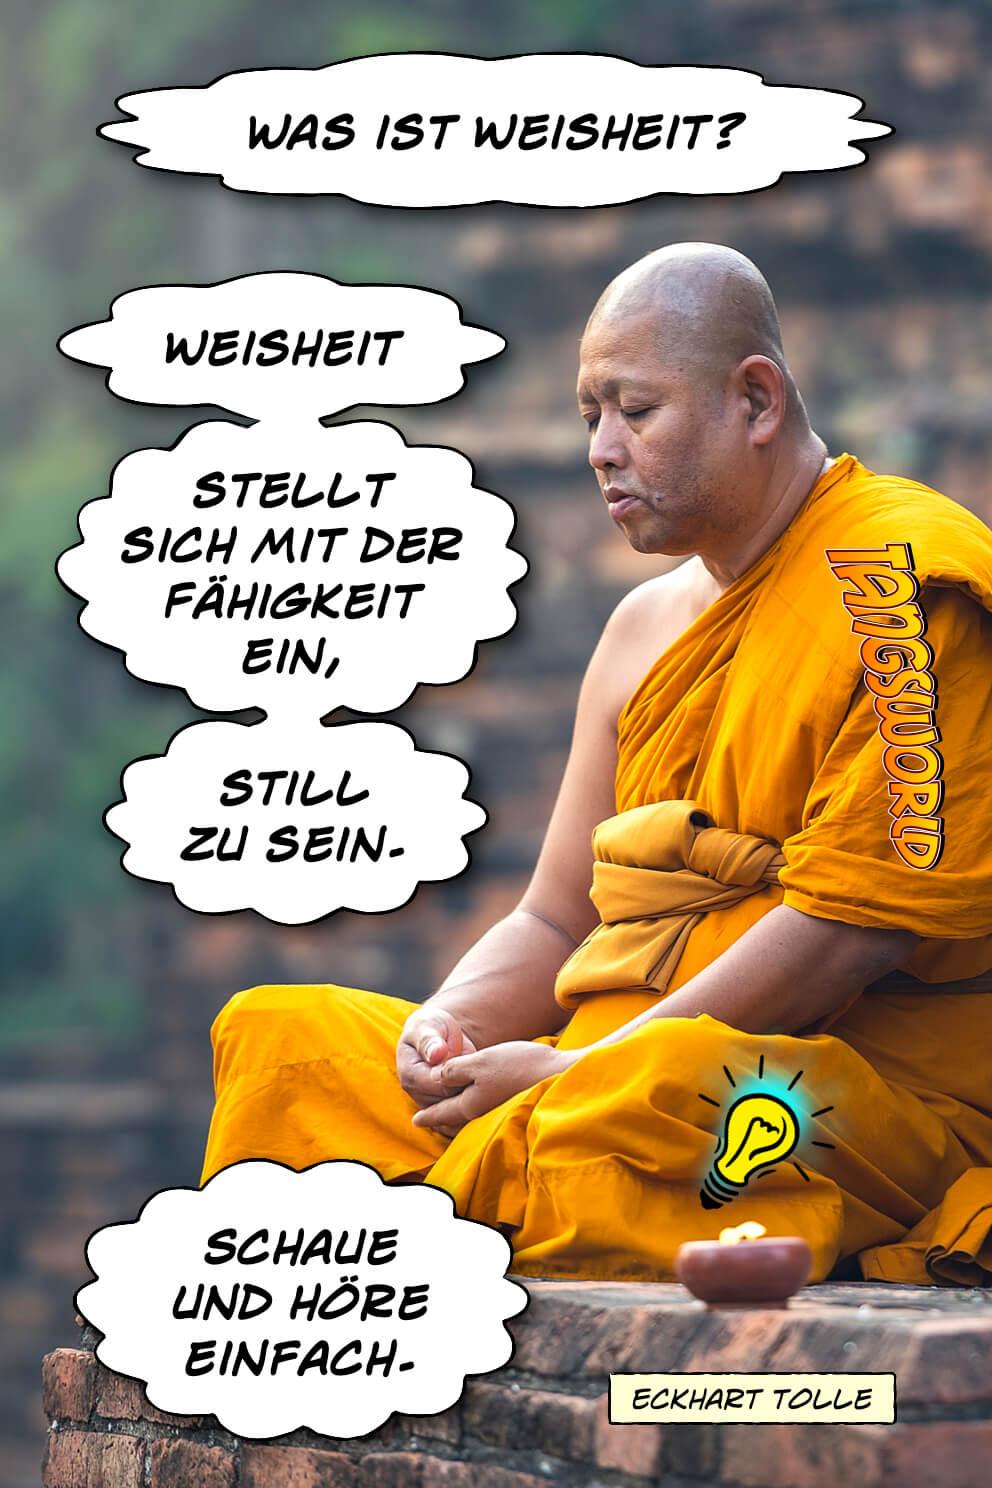 Weisheit stellt sich mit der Fähigkeit ein, still zu sein. Schaue und höre einfach! - Geistesblitze | Eckhart Tolle